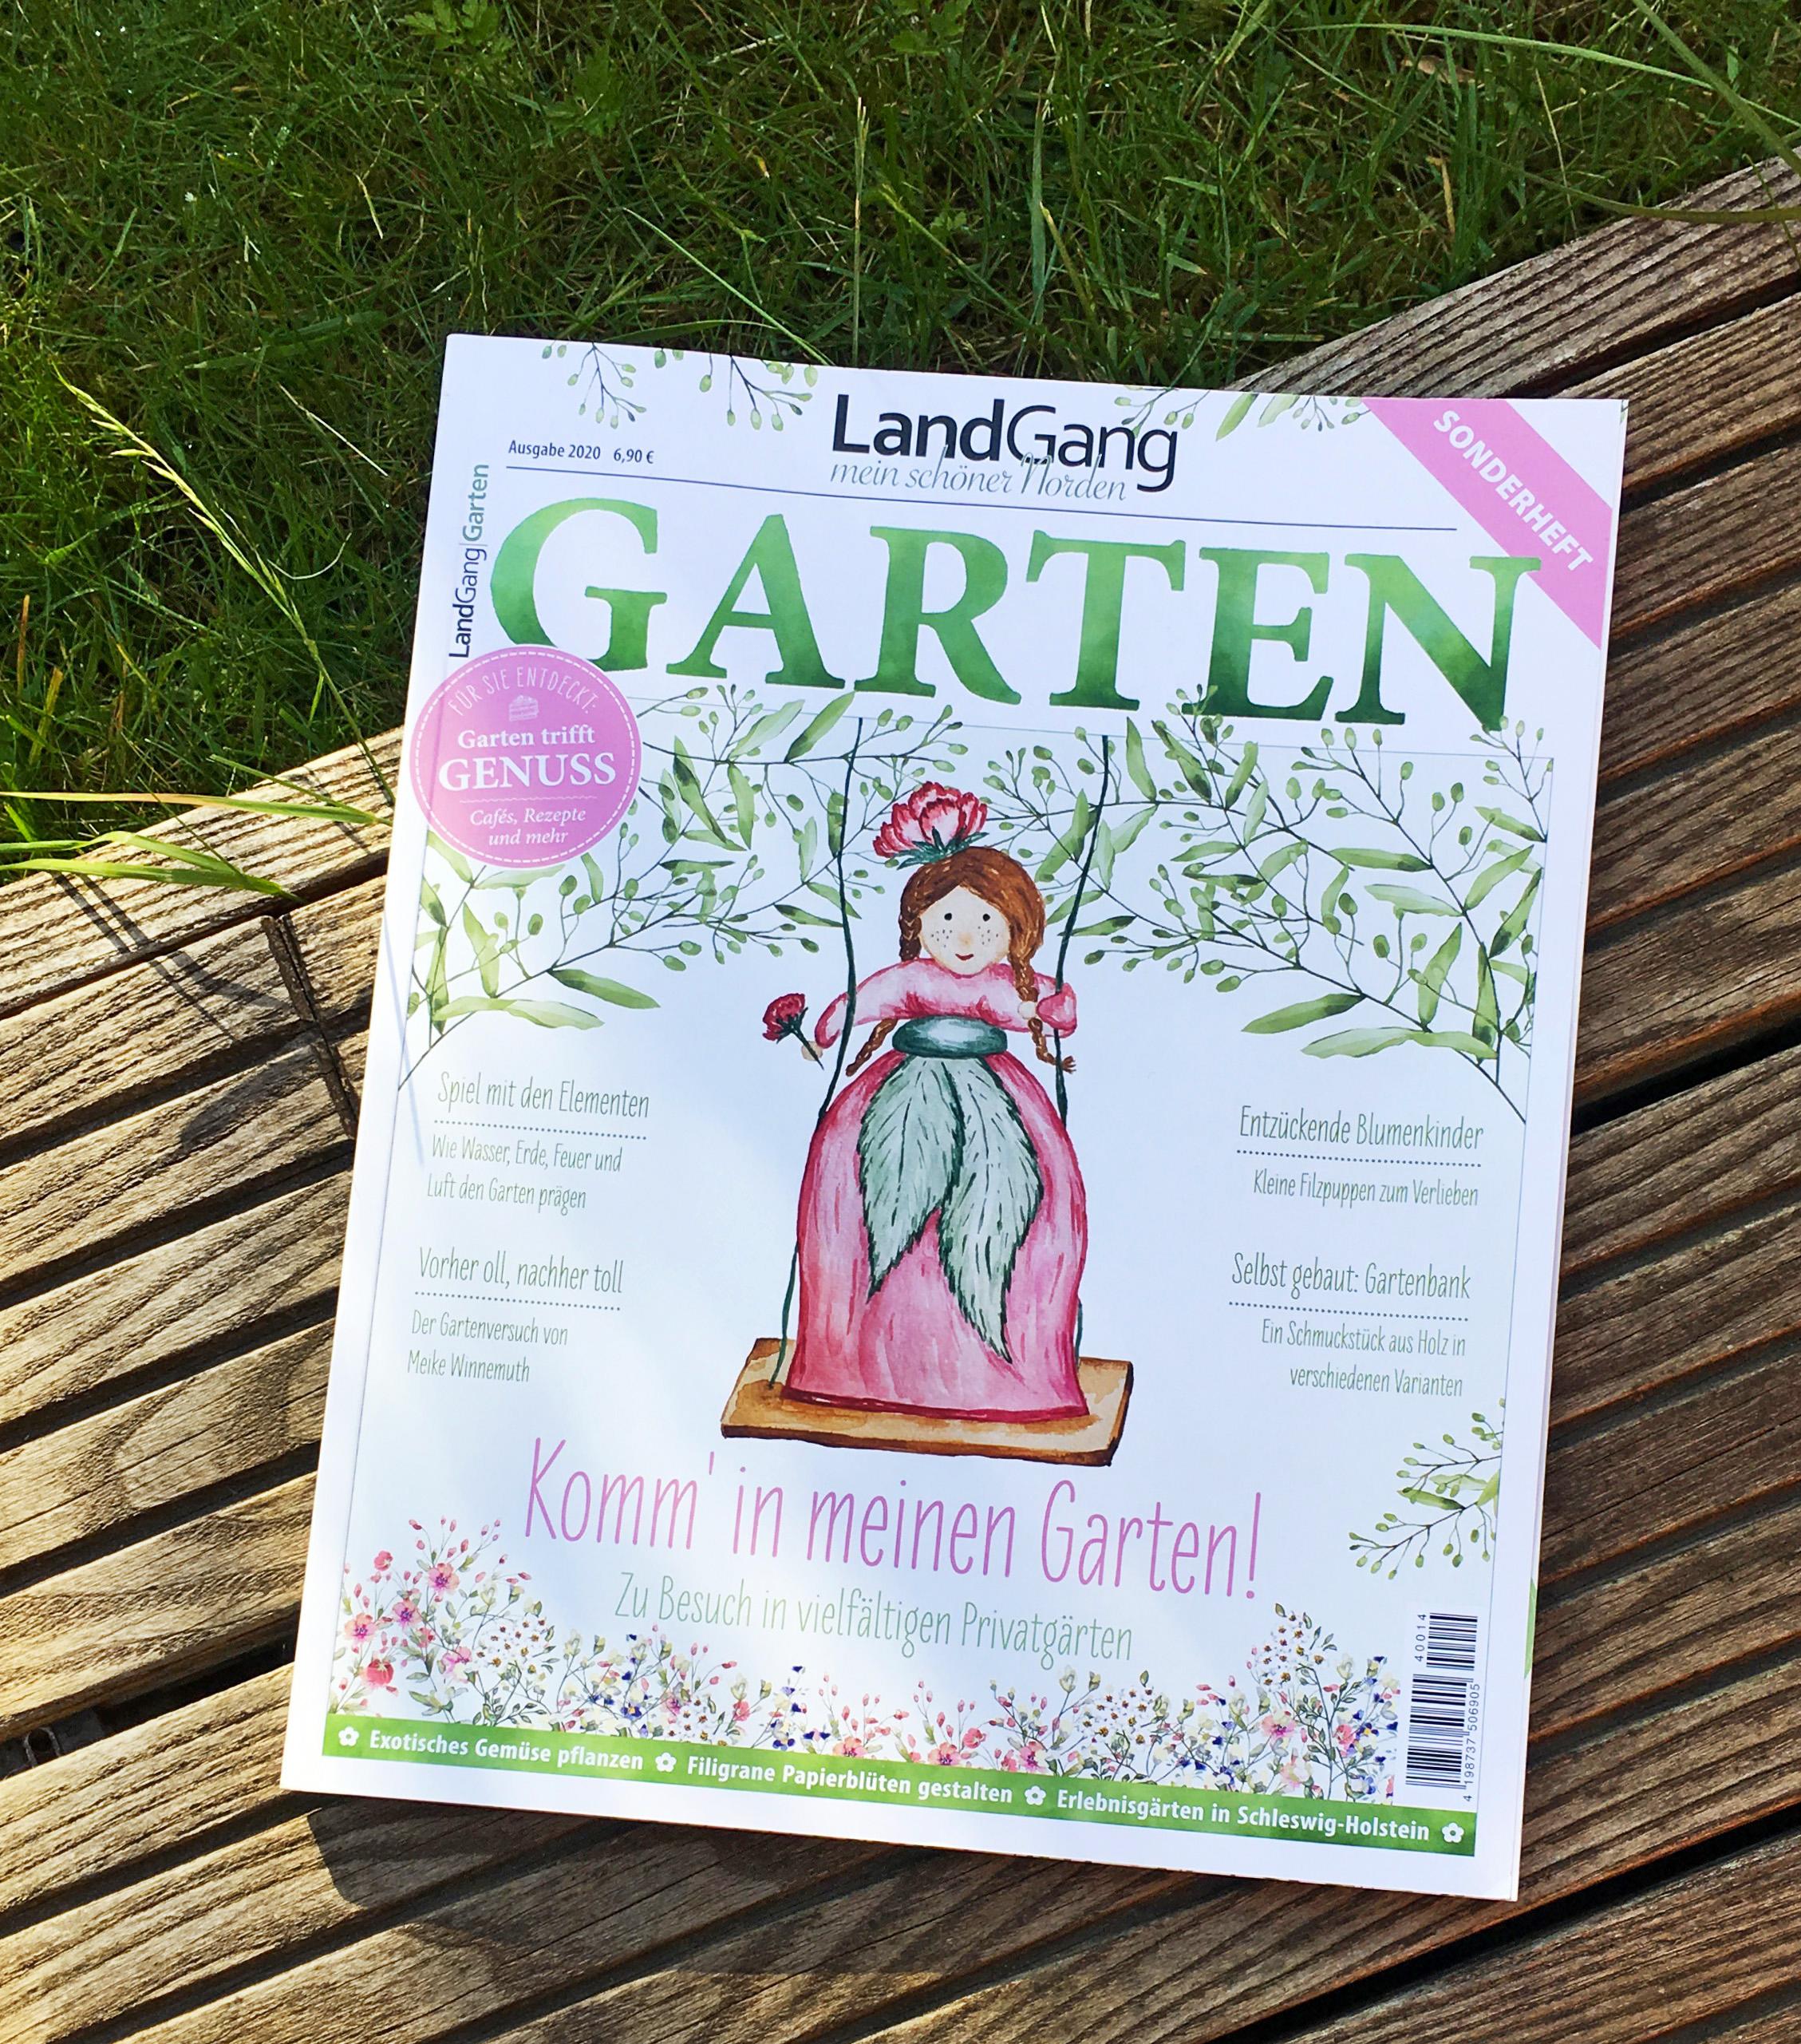 Landgang Garten